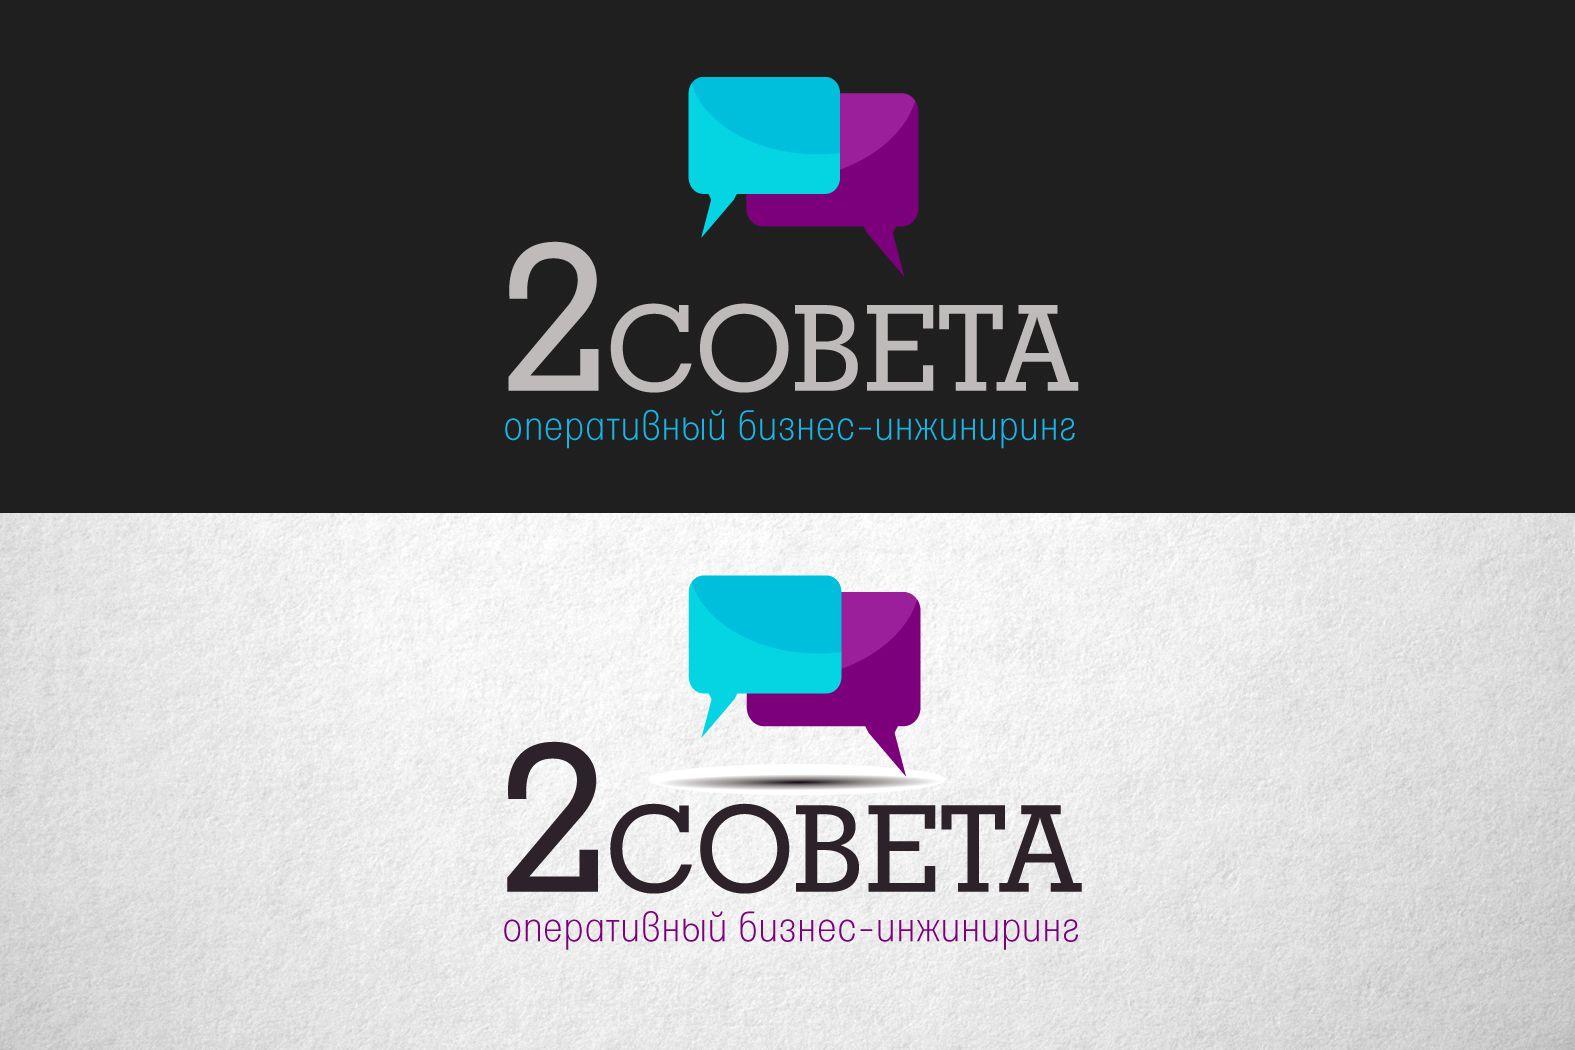 Фирменный стиль для ДваСовета - дизайнер funkielevis